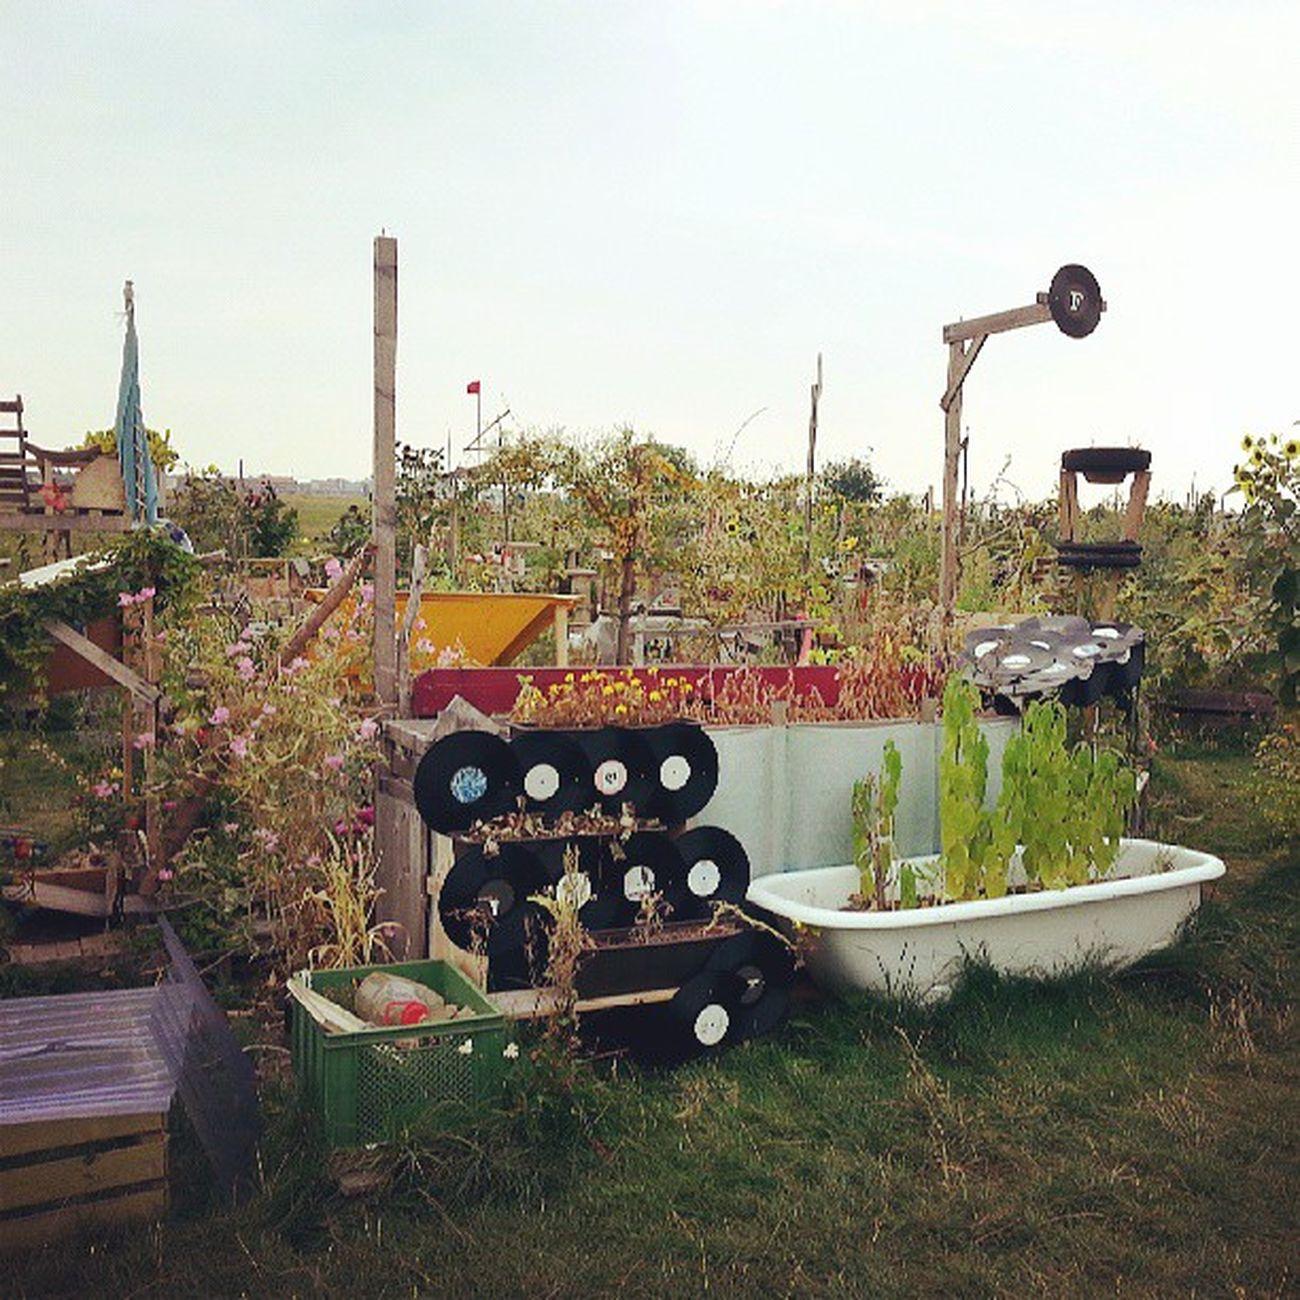 O pessoal pega um pedacinho de terra - disputadíssimo, aliás - e faz dele um jardim. Cada um planta o que quer e, claro, cuida das suas flores. Esse resolveu enfeitar com discos de vinil. Sinto cheiro de bom gosto musical no ar rsrsrs - Tempelhof Flughafen (aeroporto desativado que virou parque) Berlin Berlin2013